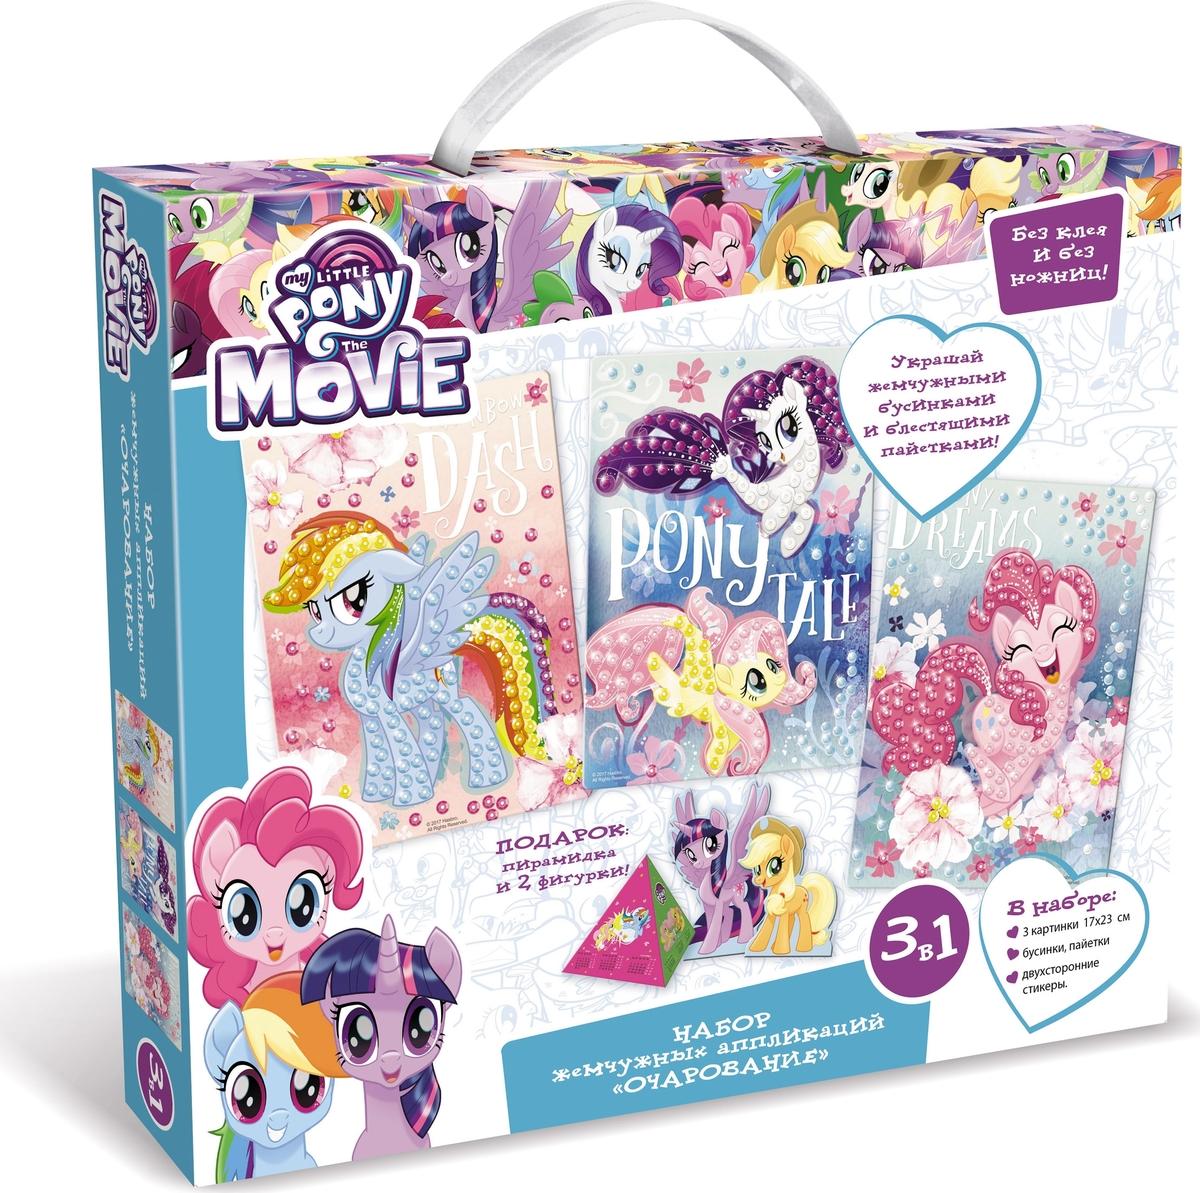 My Little Pony Набор жемчужных аппликаций 3в1 Очарование картинки my little pony